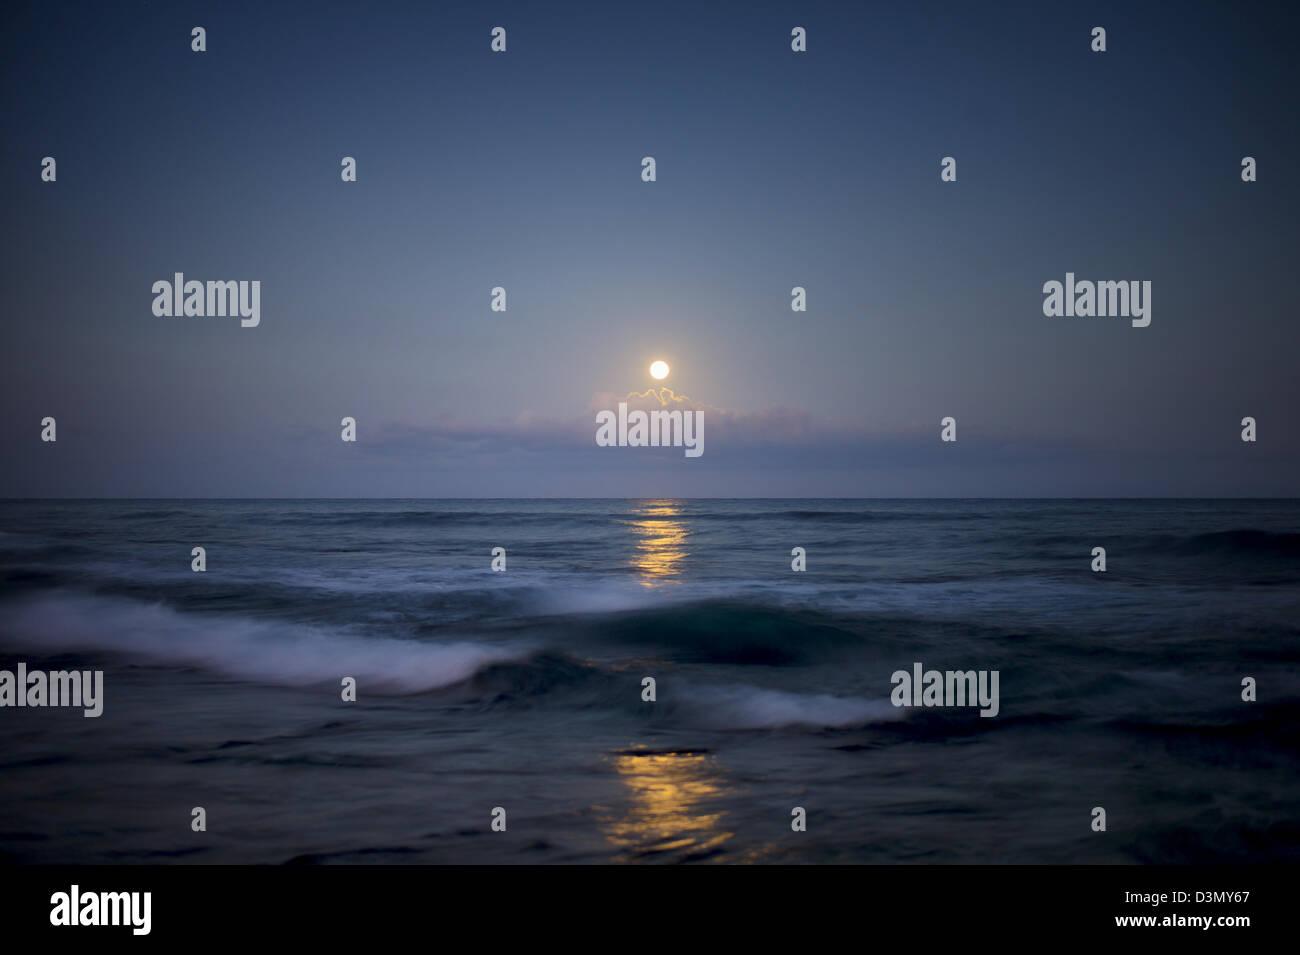 Moonset. Hawaii, The Big Island. Stock Photo